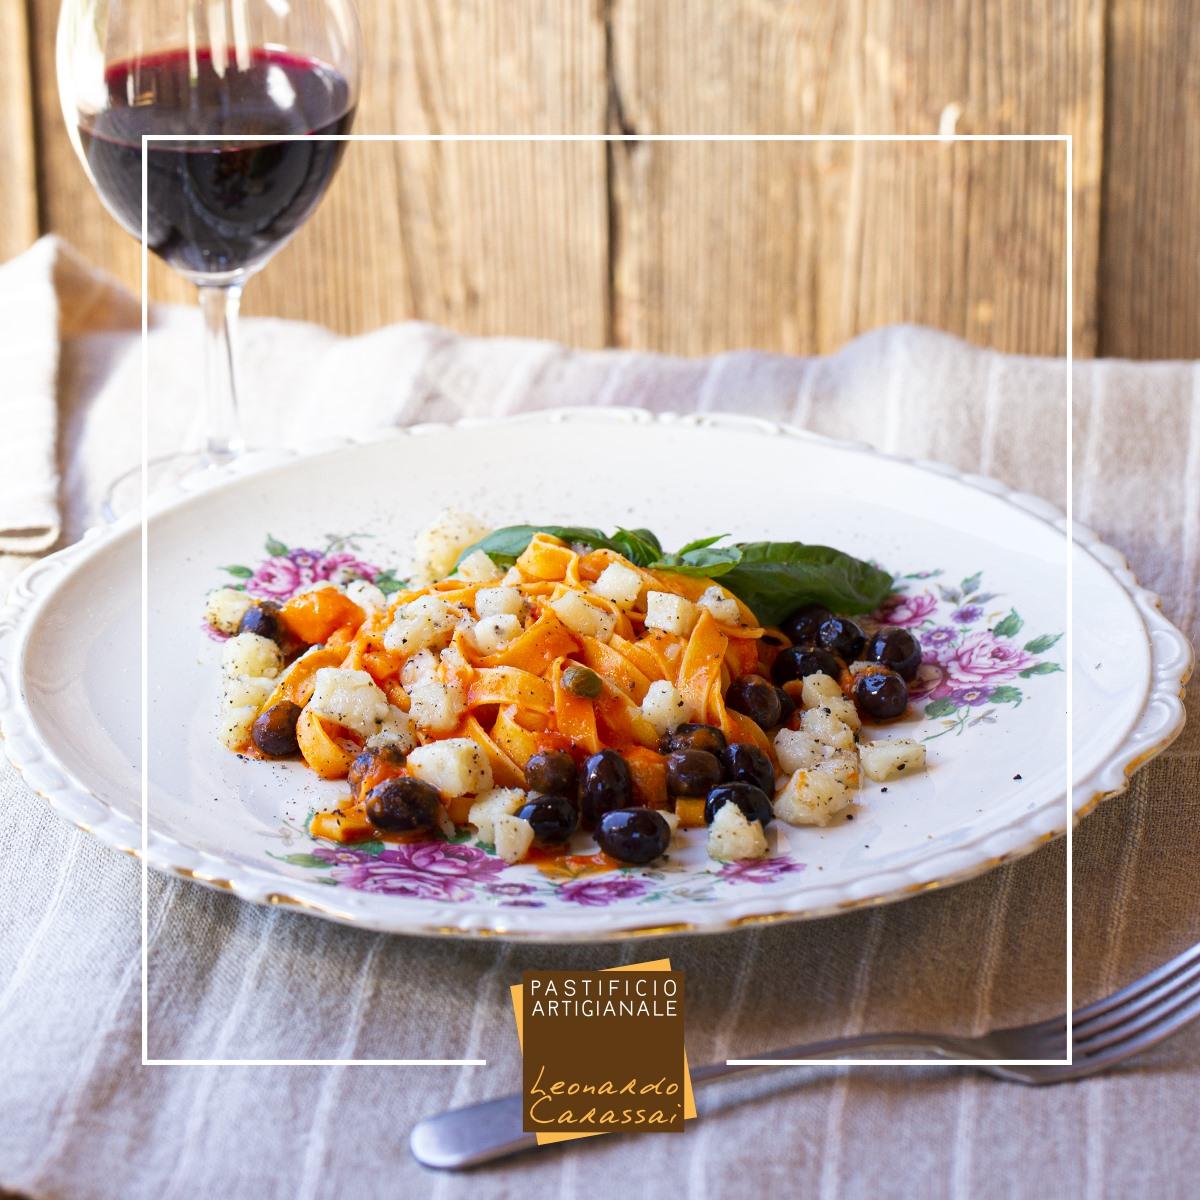 La ricetta con Tagliatelle di Campofilone e stoccafisso